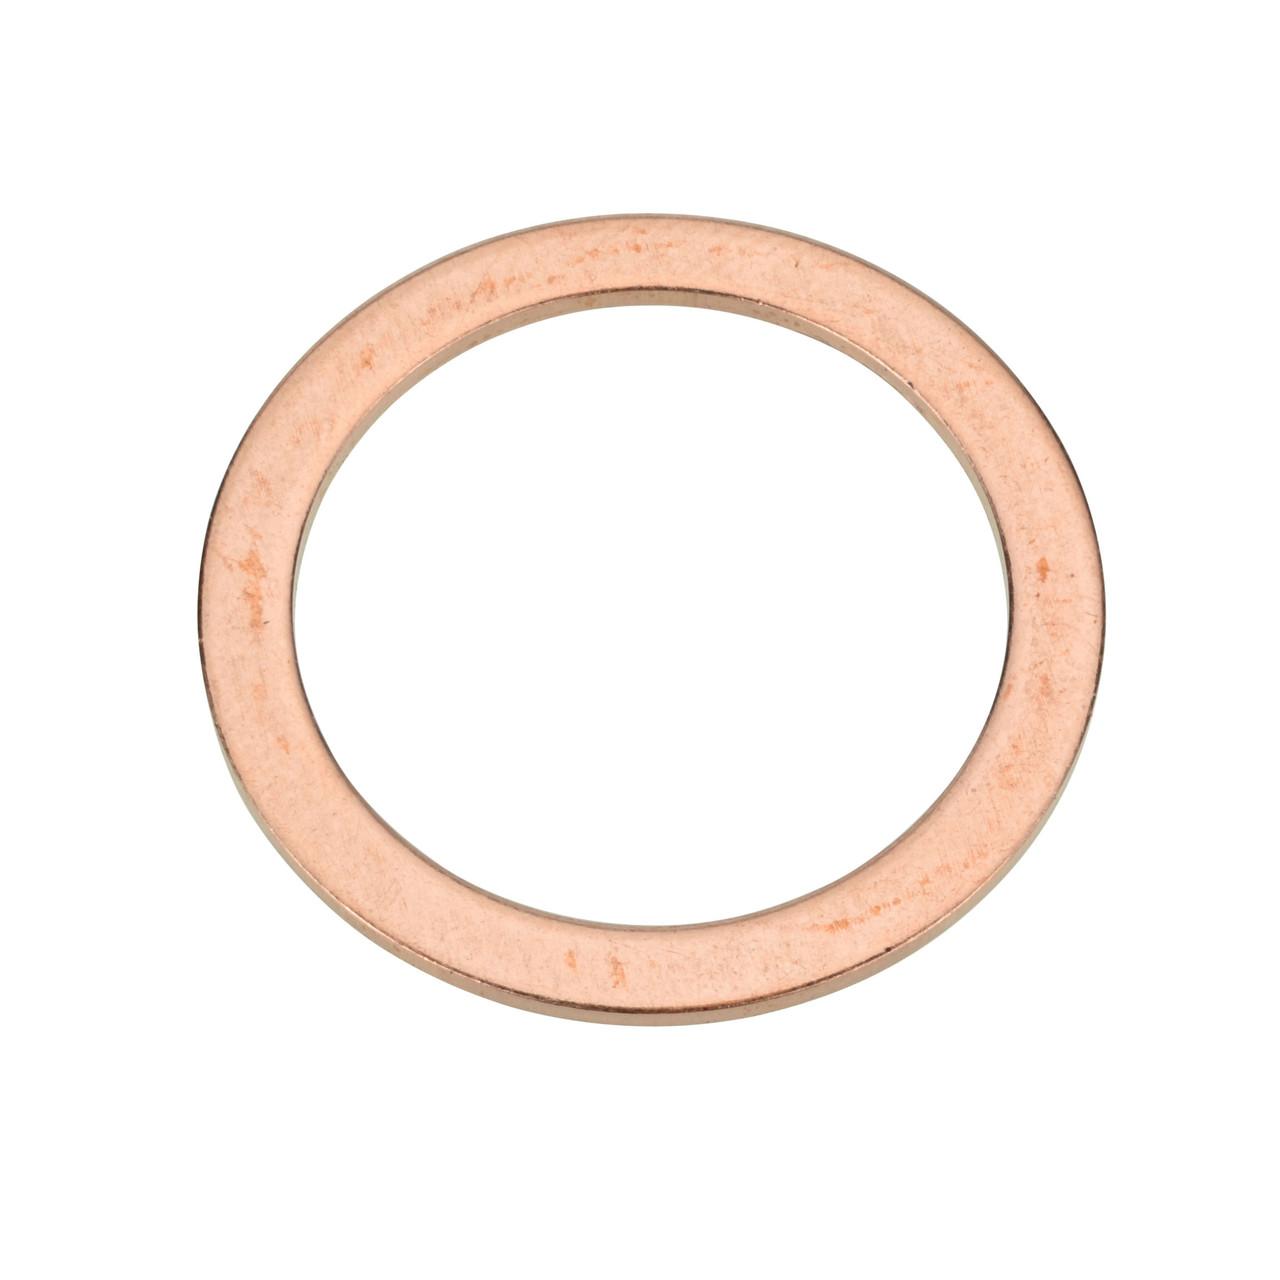 M20 Copper Oil Drain Plug Gasket - Interchanges: Nissan 01351-00012